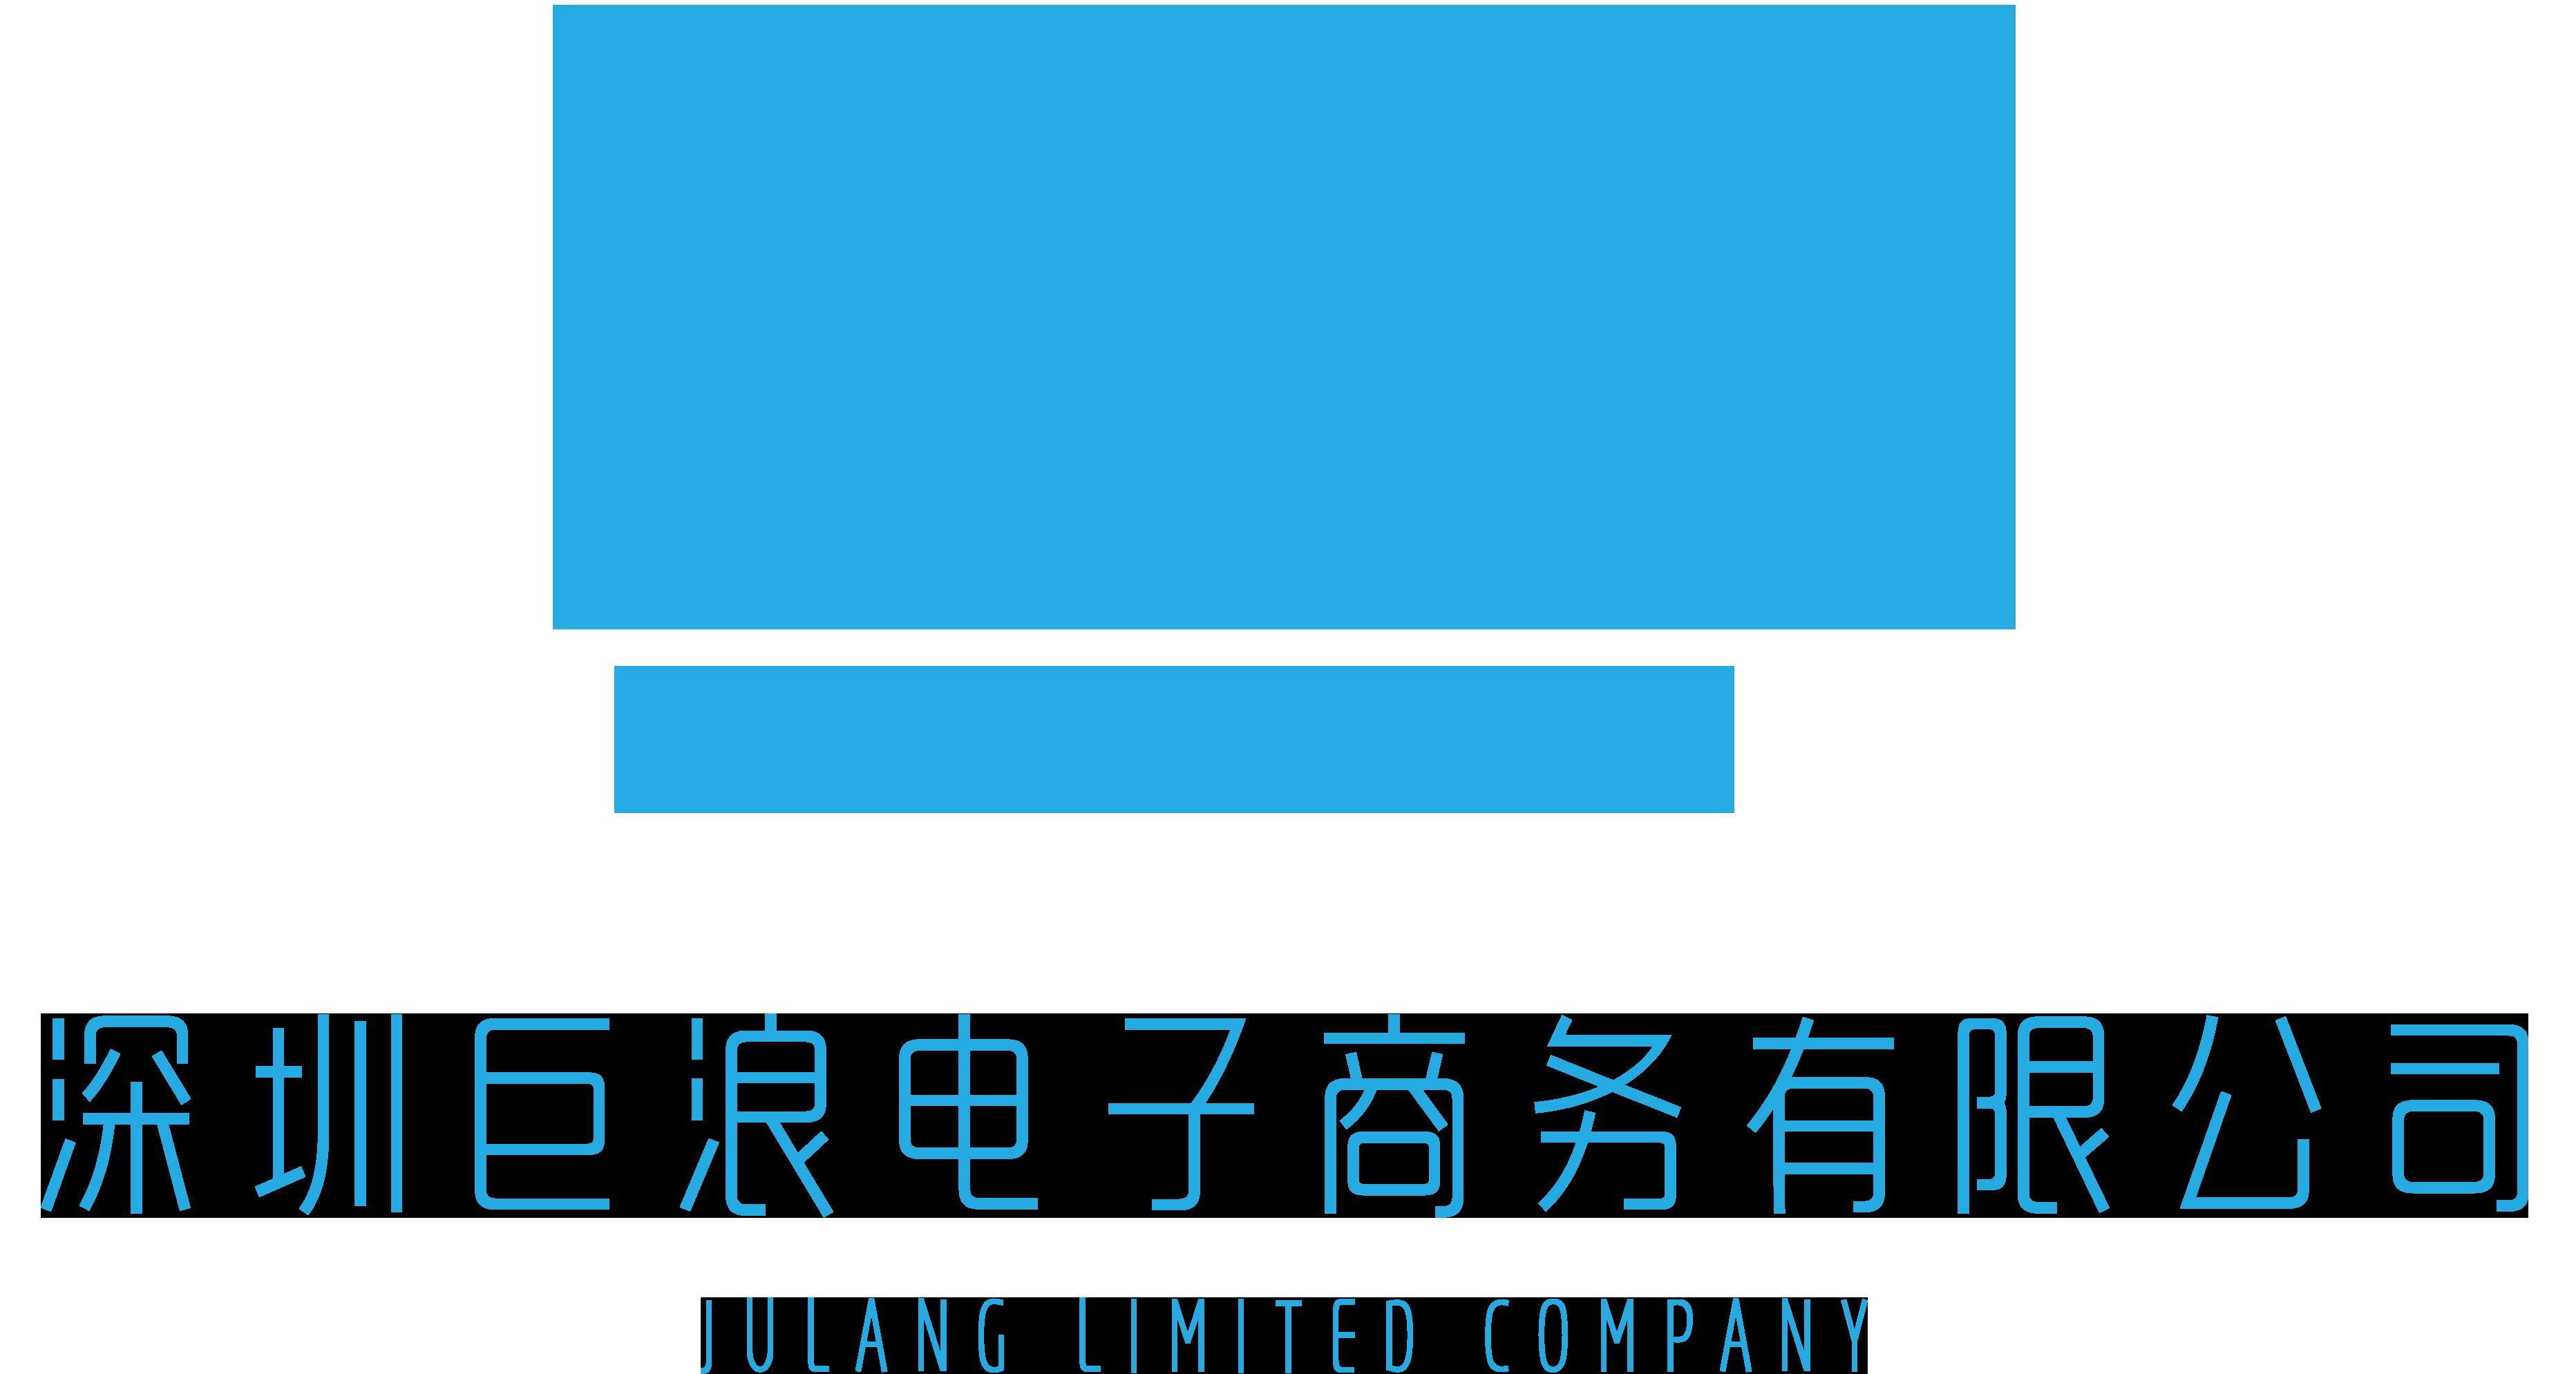 深圳巨浪电子商务有限公司亚马逊日语运营日企招聘信息